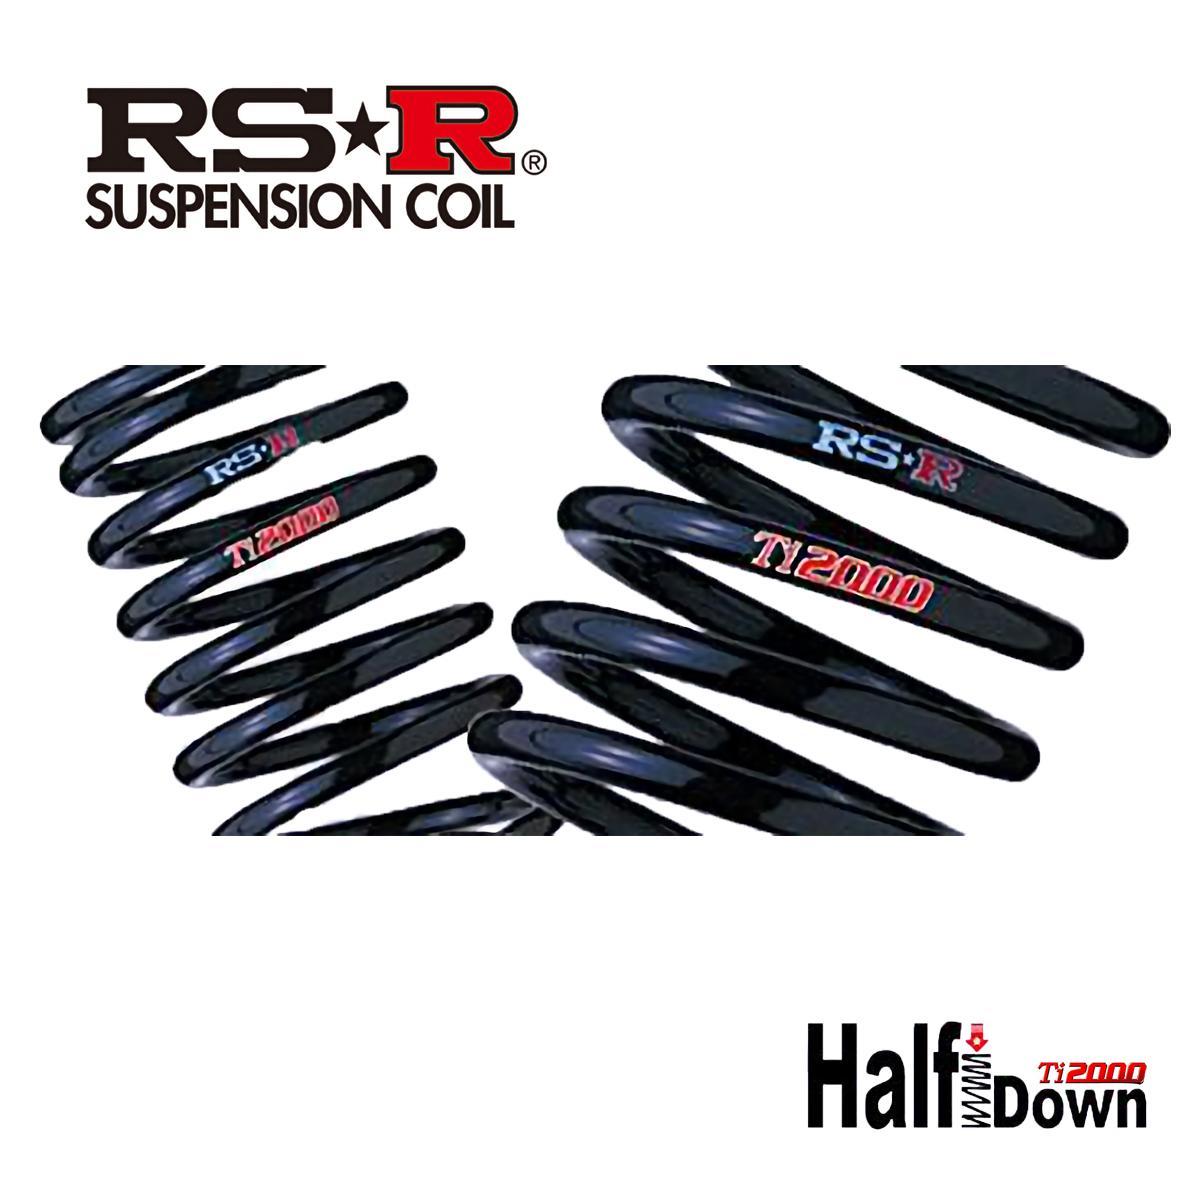 RS-R ピクシスジョイ CG SA LA250A ダウンサス スプリング フロント D250THDF Ti2000 ハーフダウン RSR 個人宅発送追金有